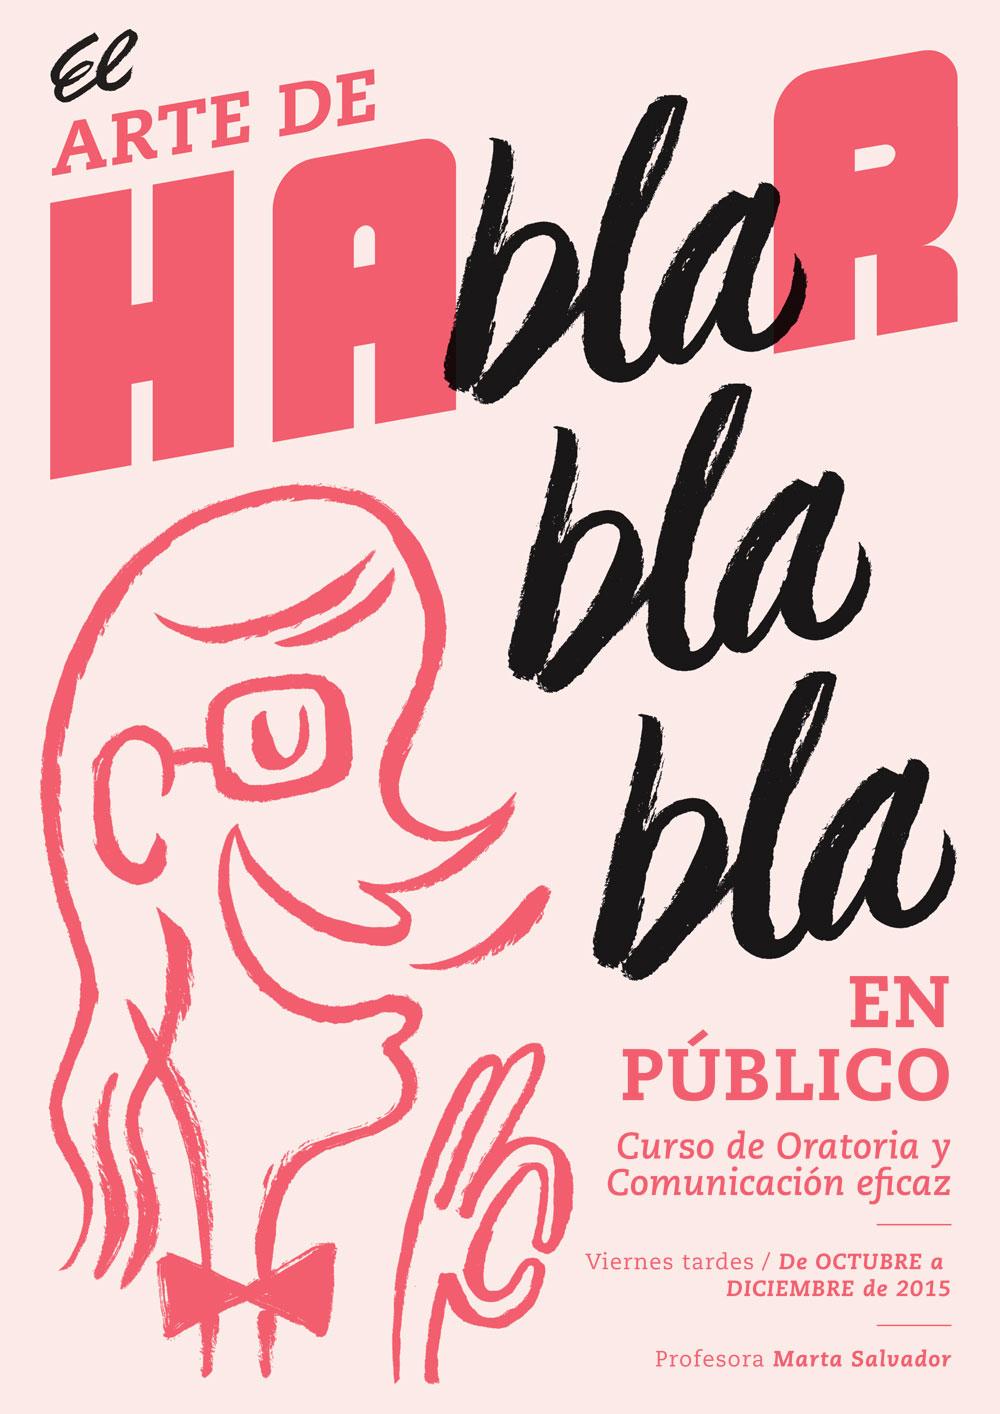 «El arte de hablar en público». Curso de Oratoria y Comunicación eficaz